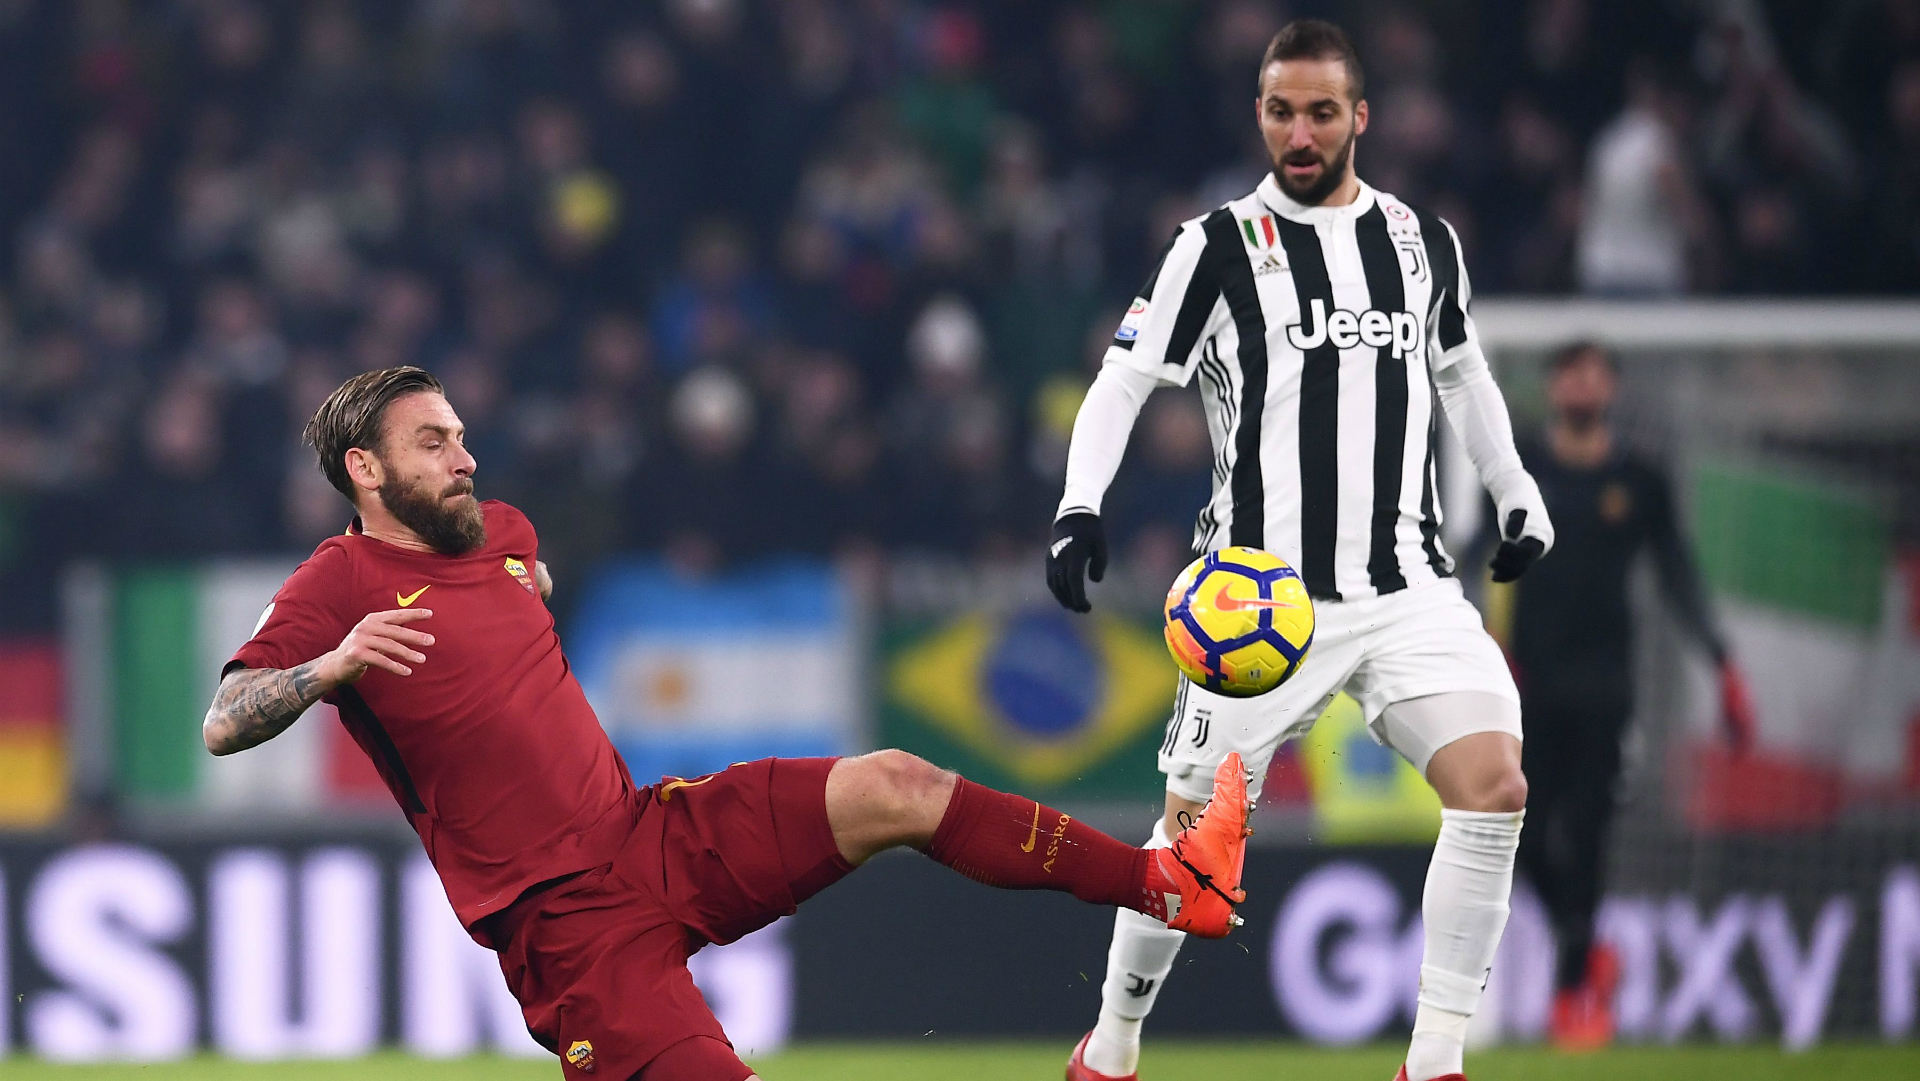 La Juventus derrota a la Roma (1-0) y el Inter tropieza en su visita al Sassuolo (1-0)